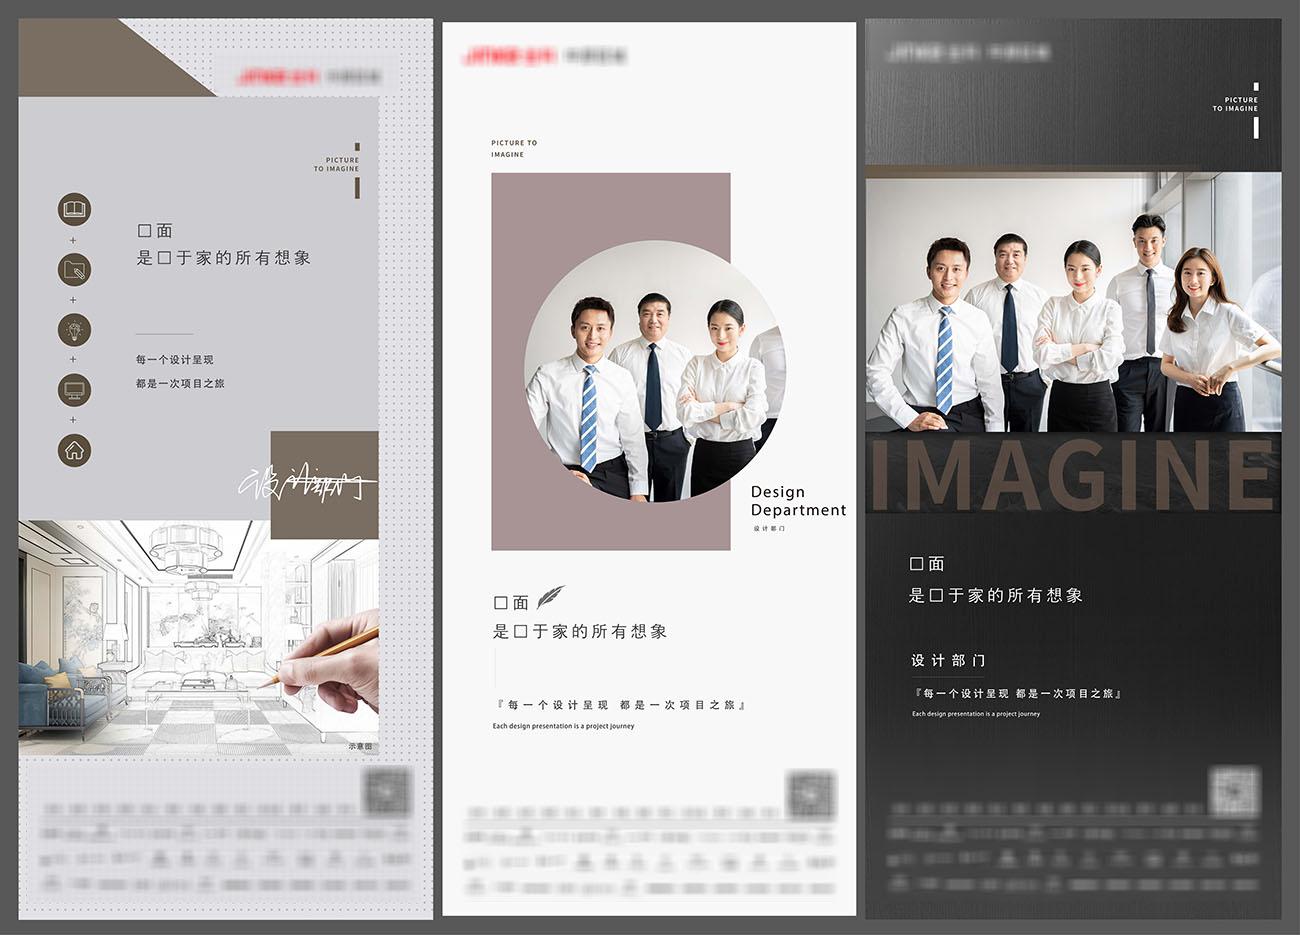 品牌团队宣传系列海报AI+PSD源文件插图